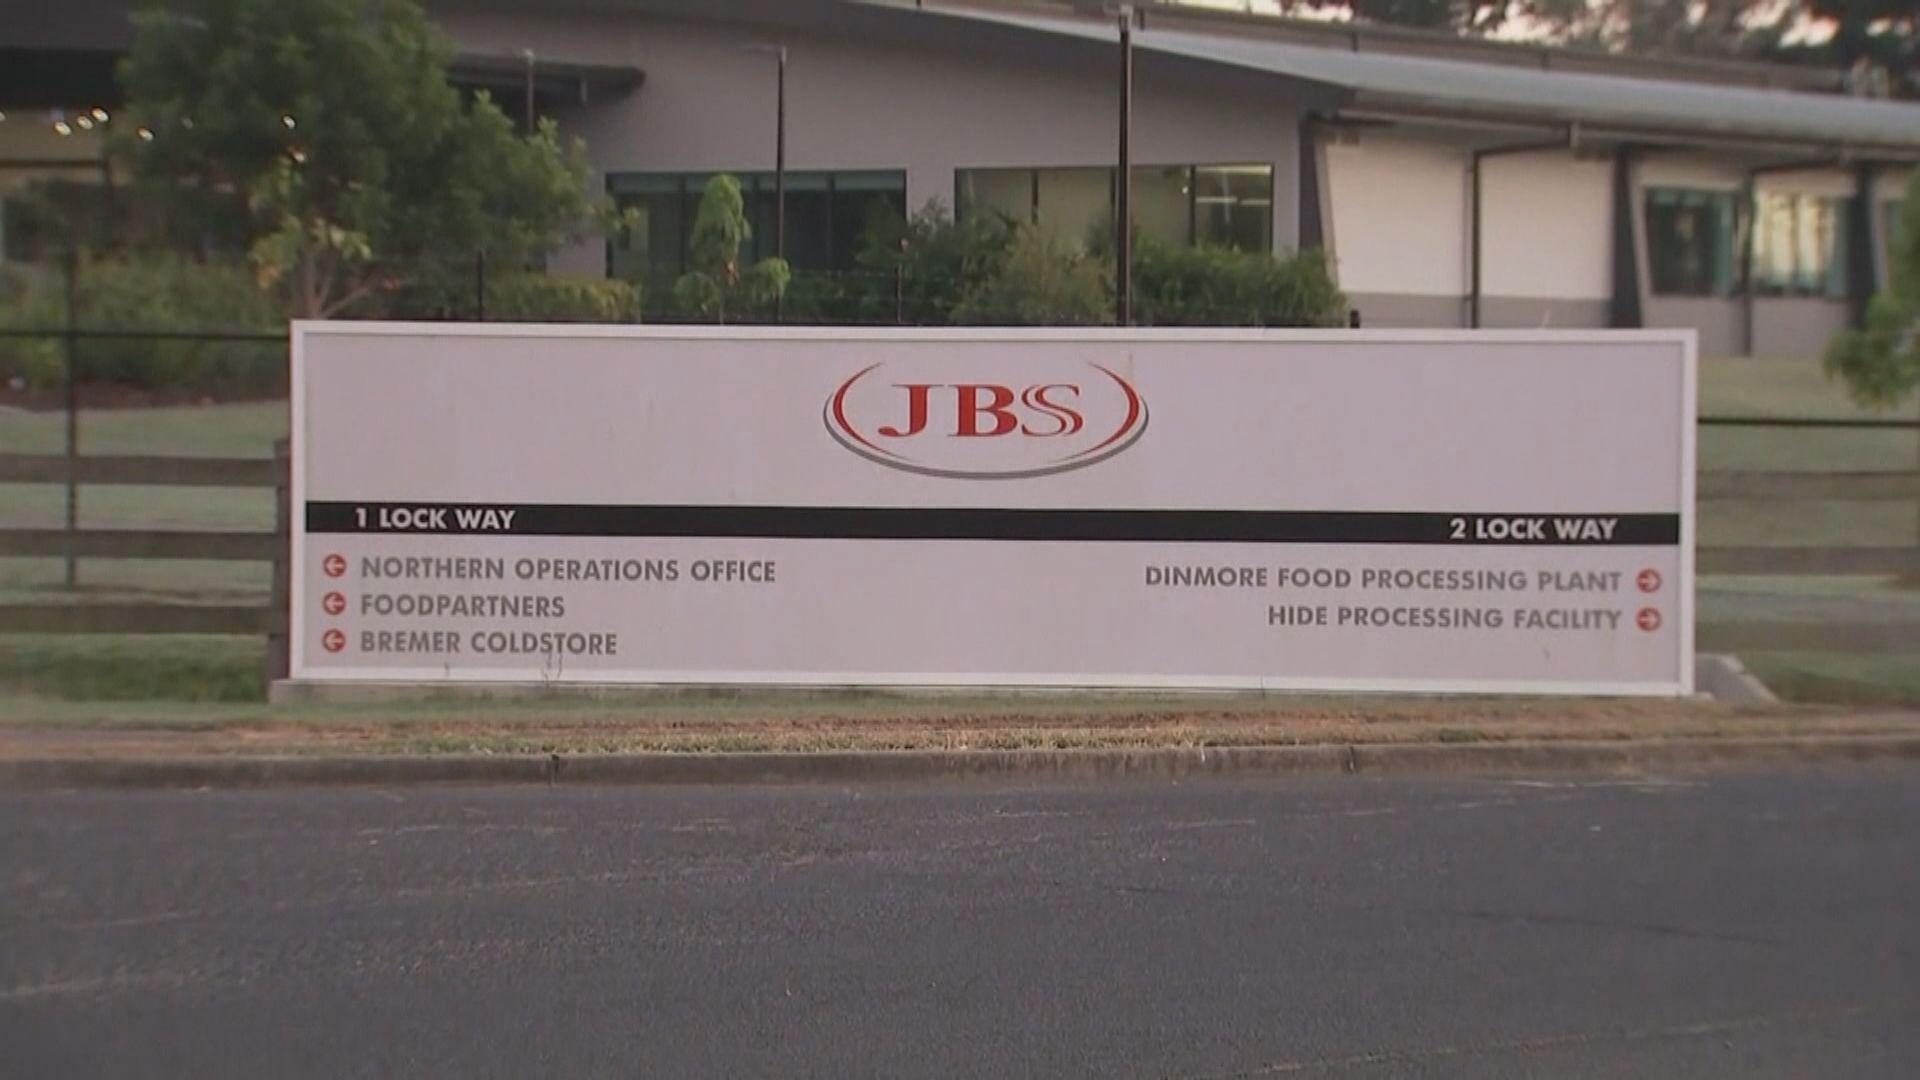 肉食加工企業JBS美國子公司遭懷疑俄羅斯黑客勒索